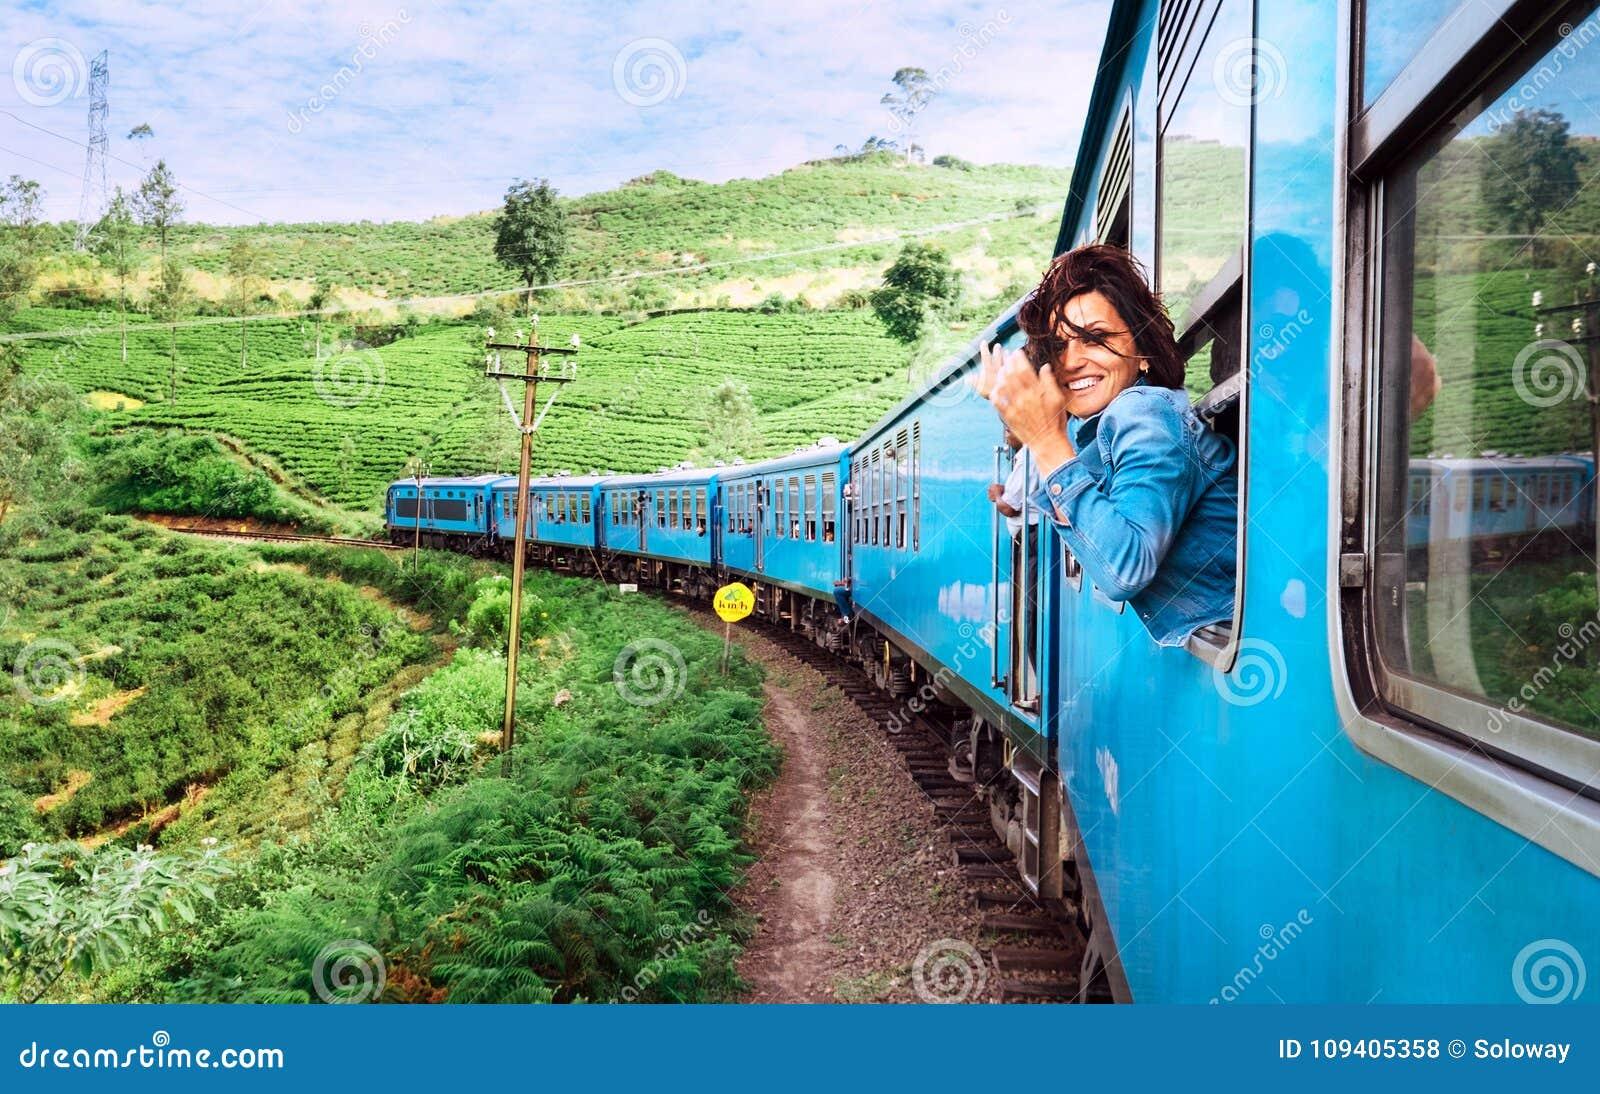 Счастливая усмехаясь женщина смотрит вне от окна путешествуя поездом дальше